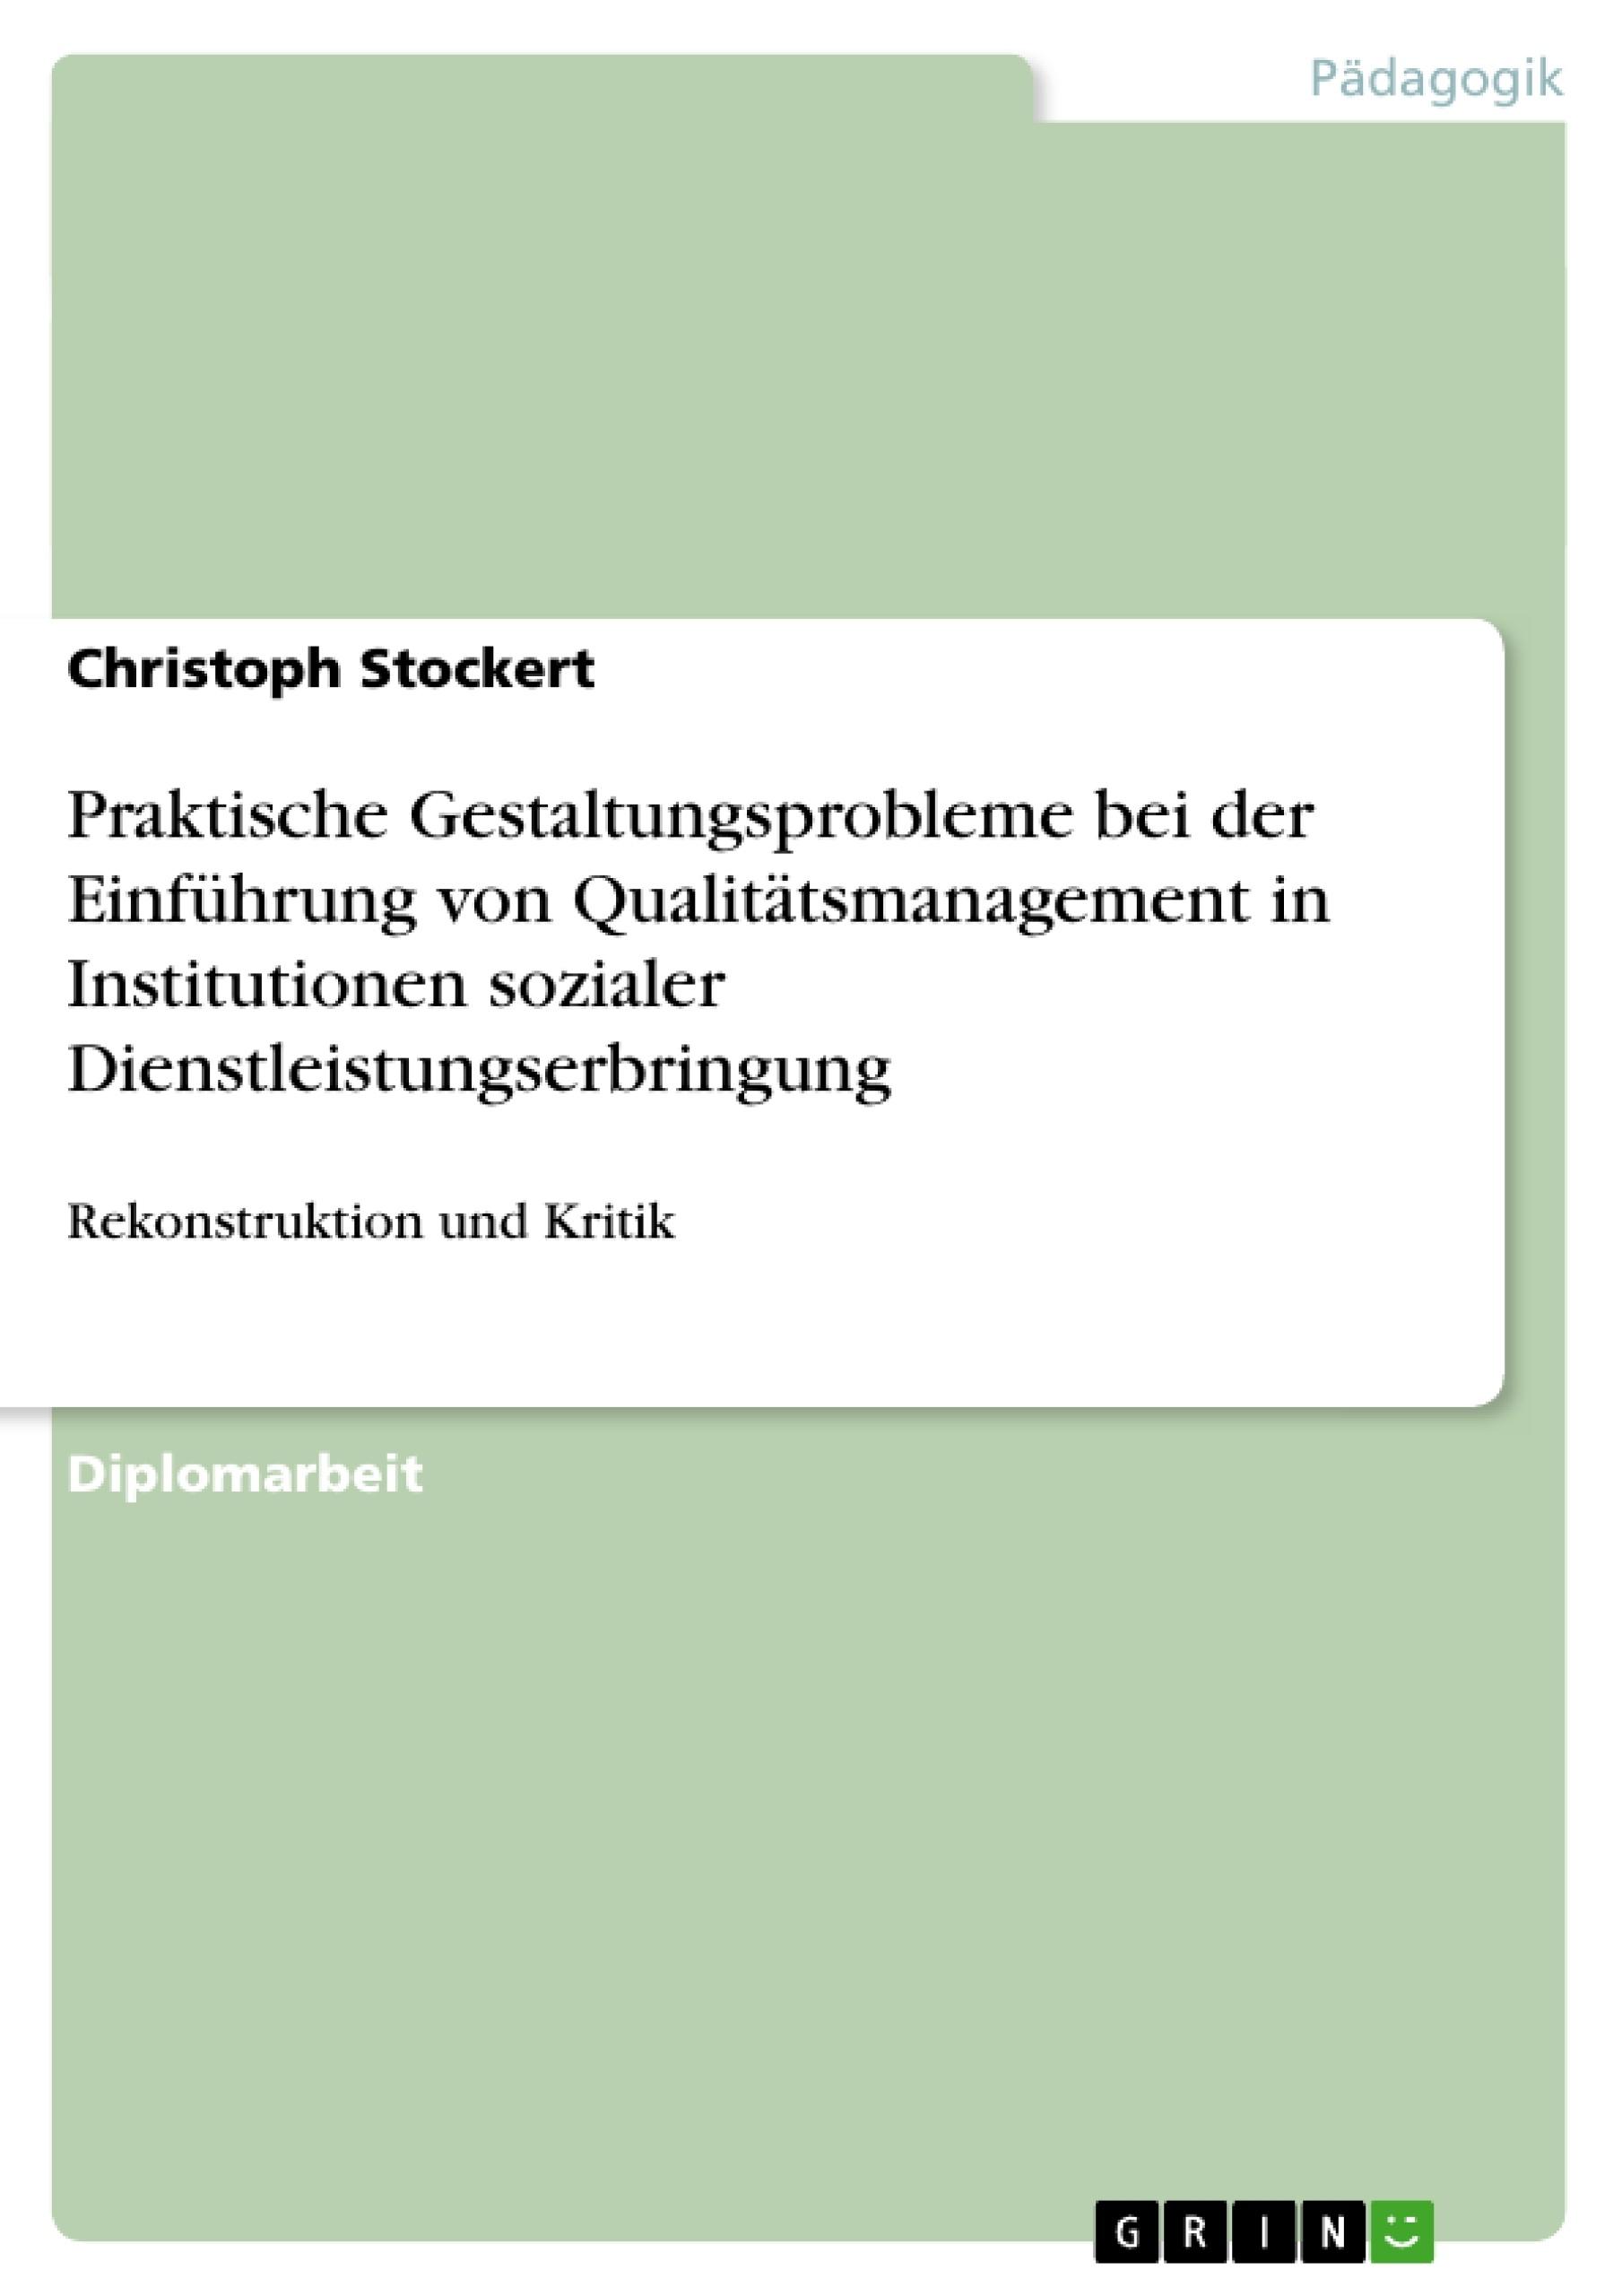 Titel: Praktische Gestaltungsprobleme bei der Einführung von Qualitätsmanagement in Institutionen sozialer Dienstleistungserbringung